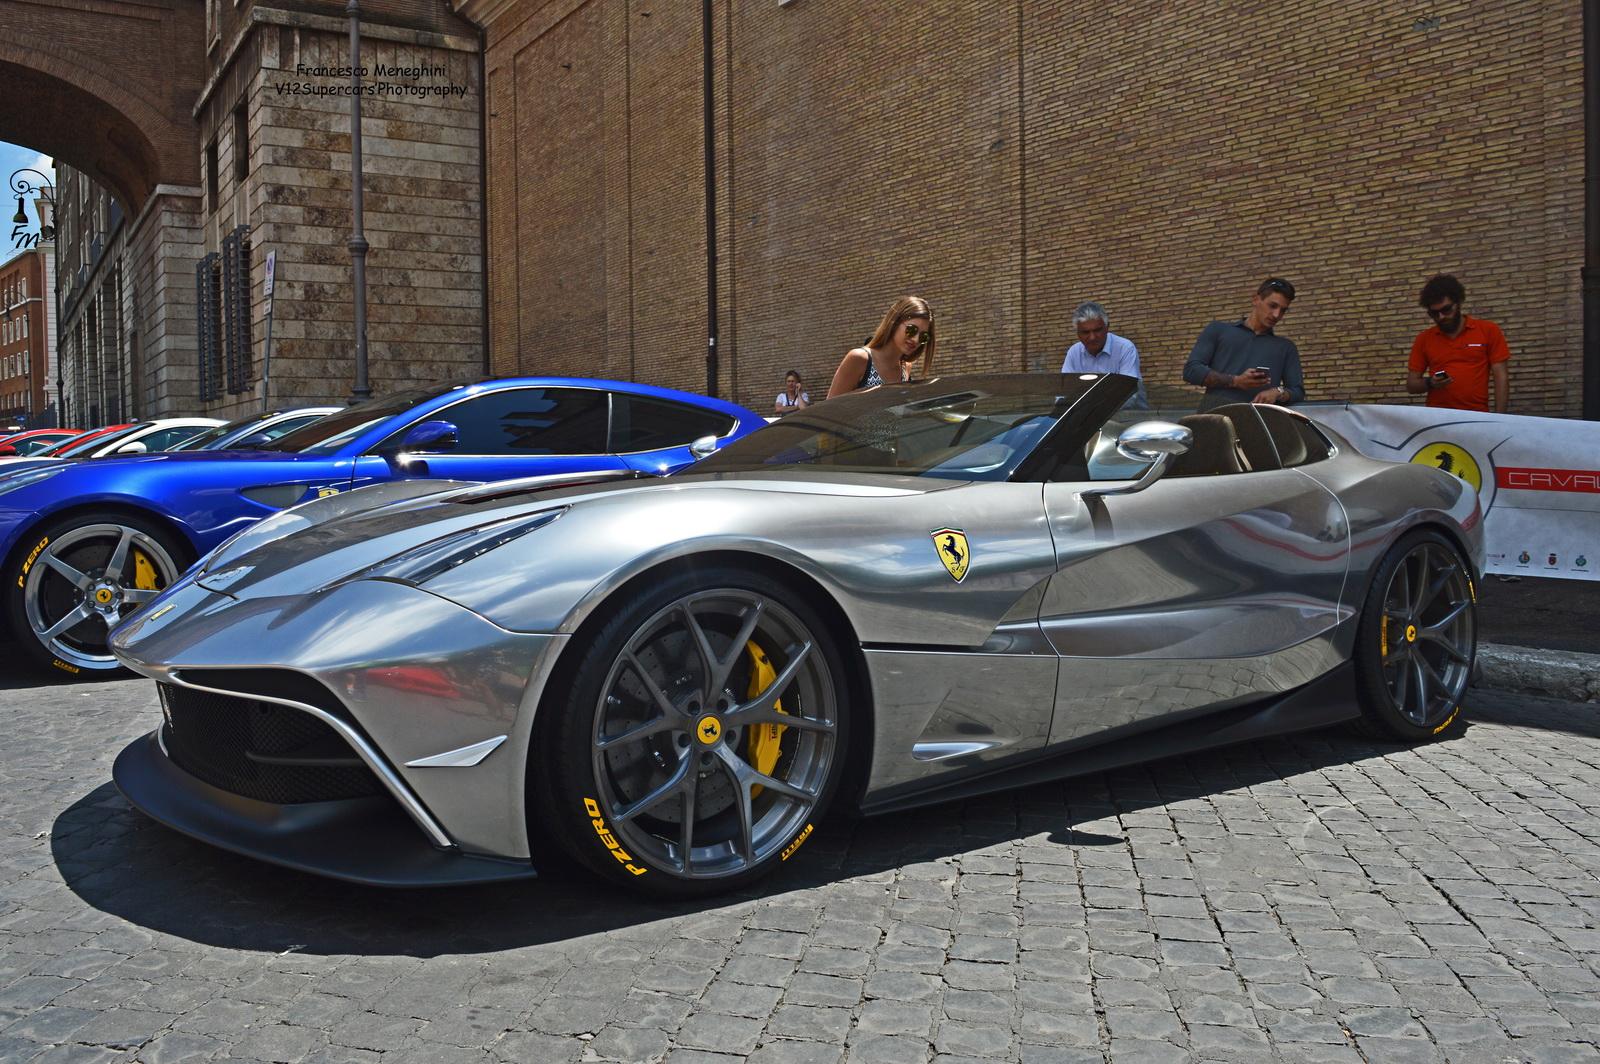 Ferrari F12 Tdf Price >> Unique Chrome-Silver Ferrari F12 TRS Spotted In Rome | Carscoops